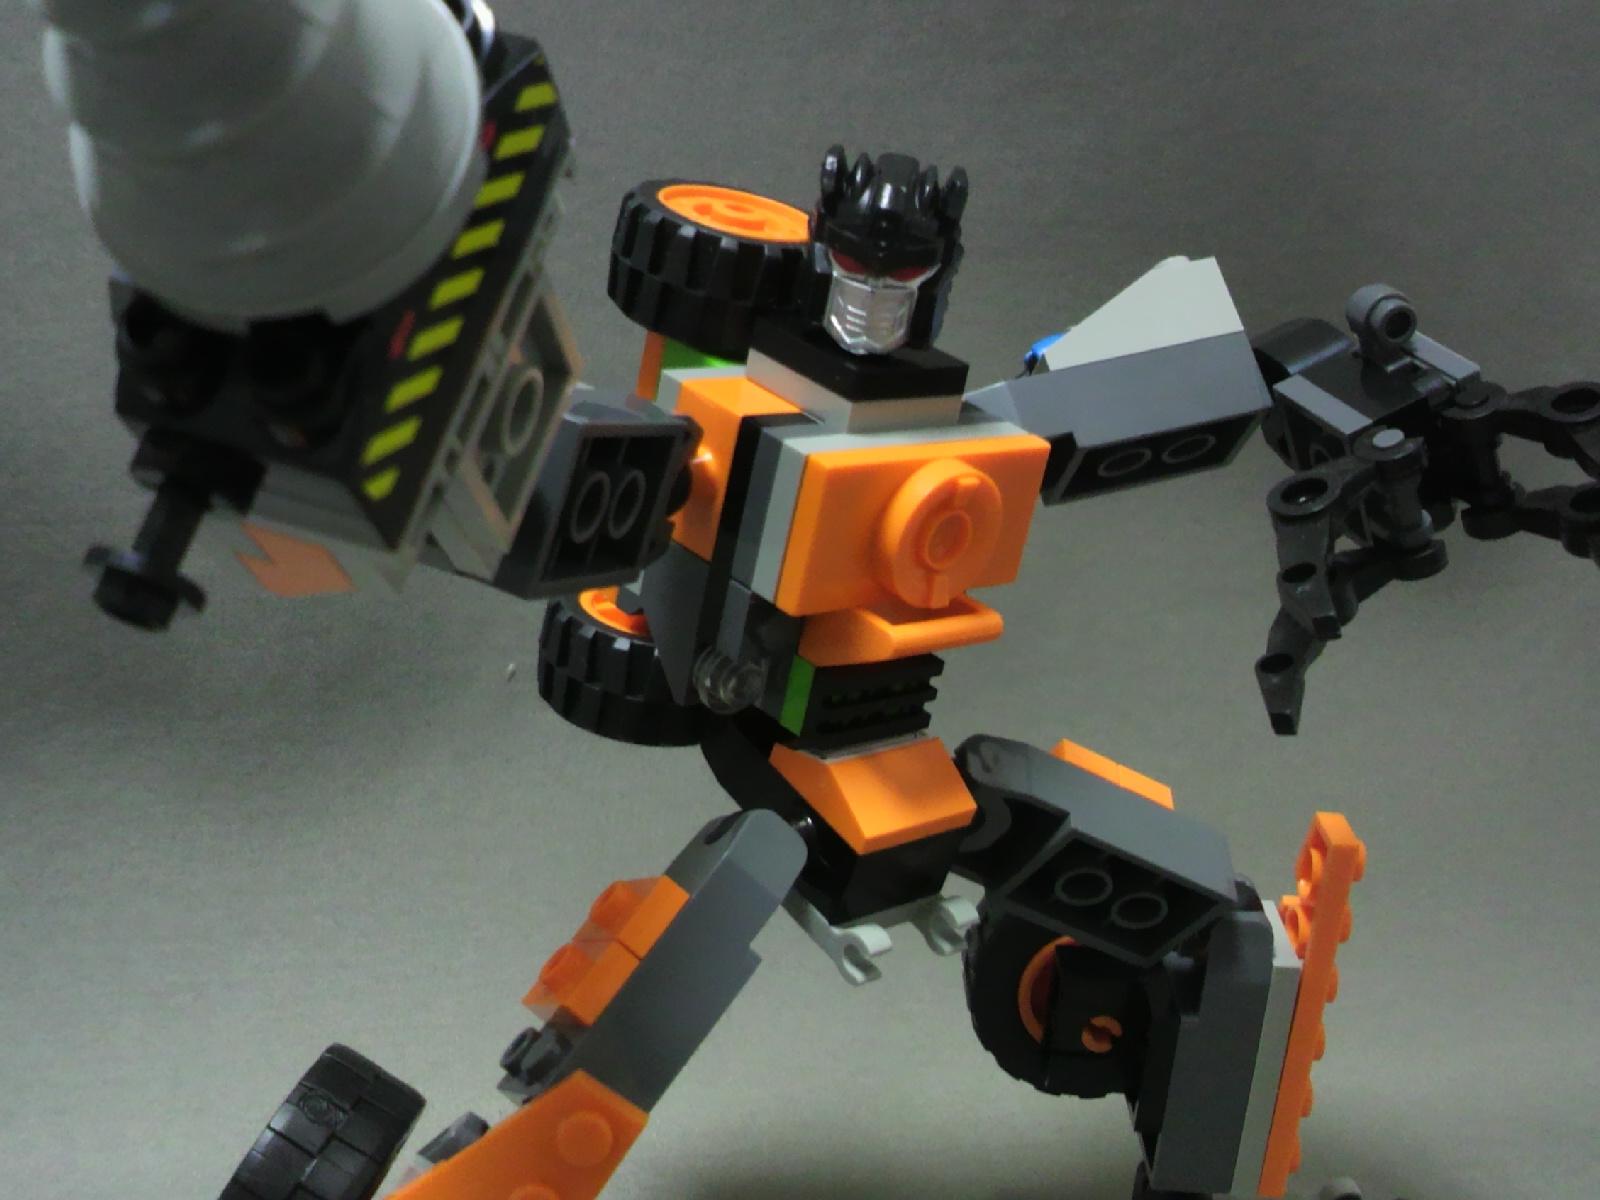 Drill bit (1)